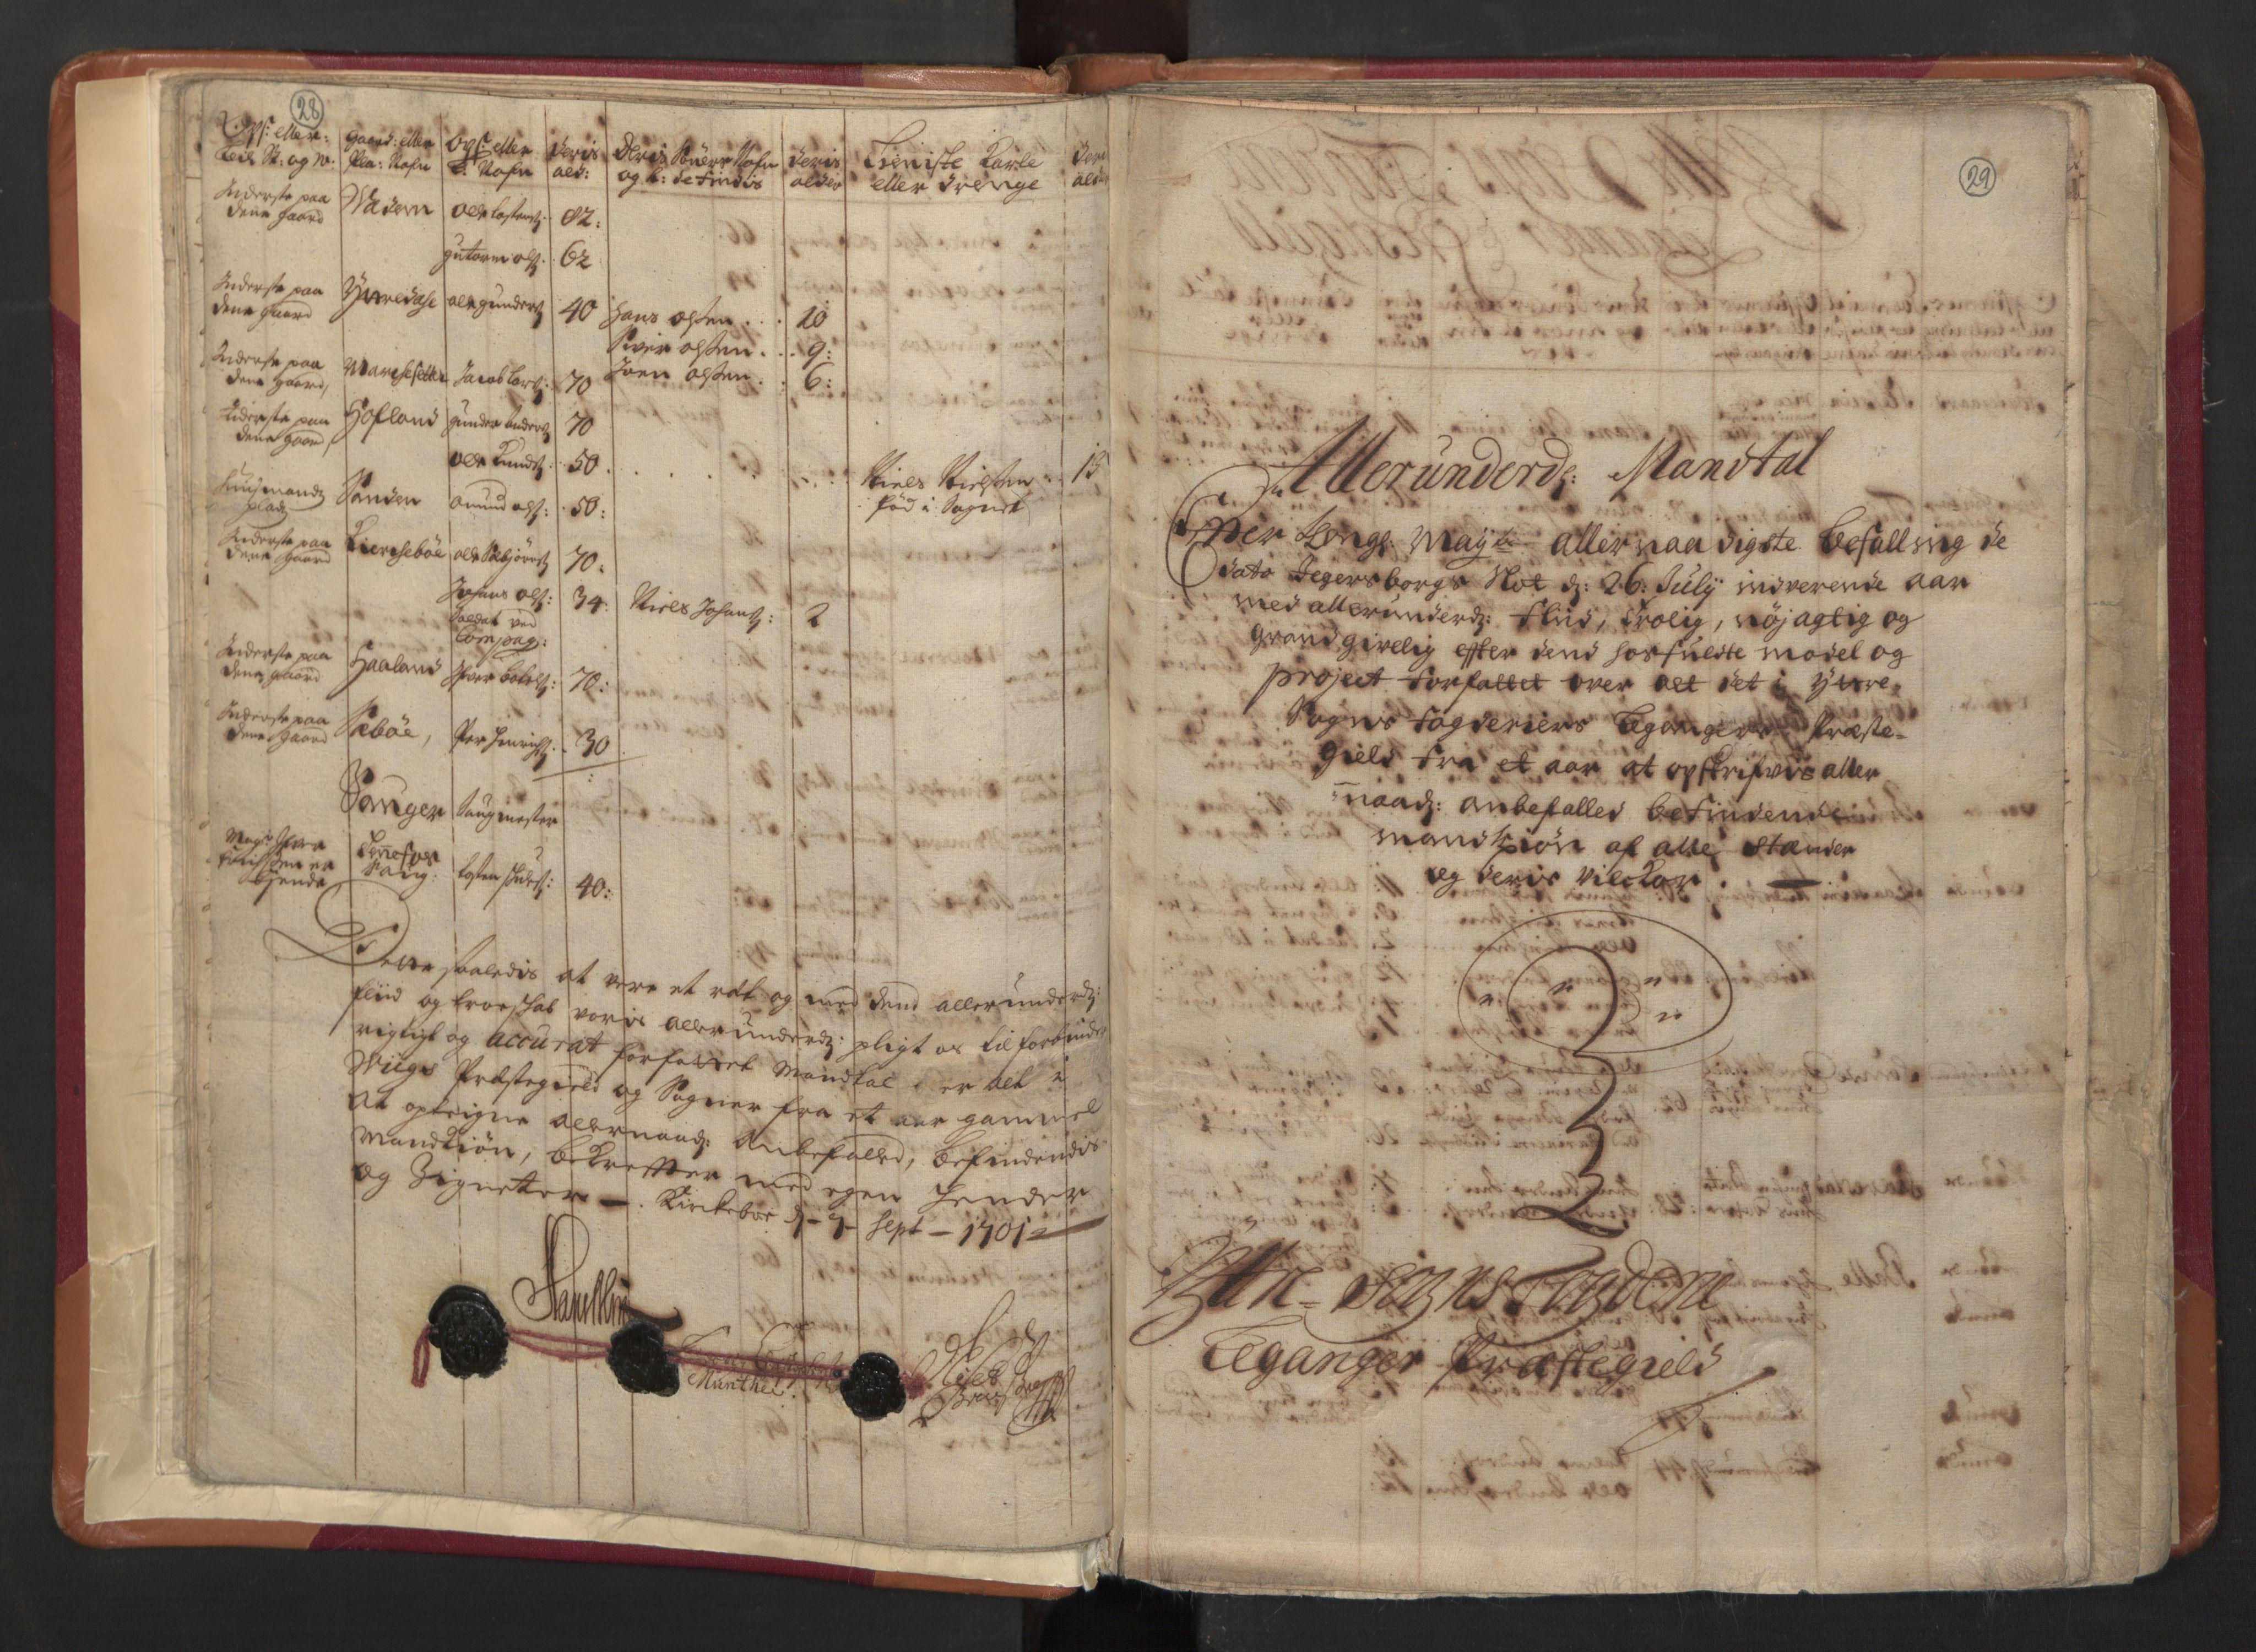 RA, Manntallet 1701, nr. 8: Ytre Sogn fogderi og Indre Sogn fogderi, 1701, s. 28-29